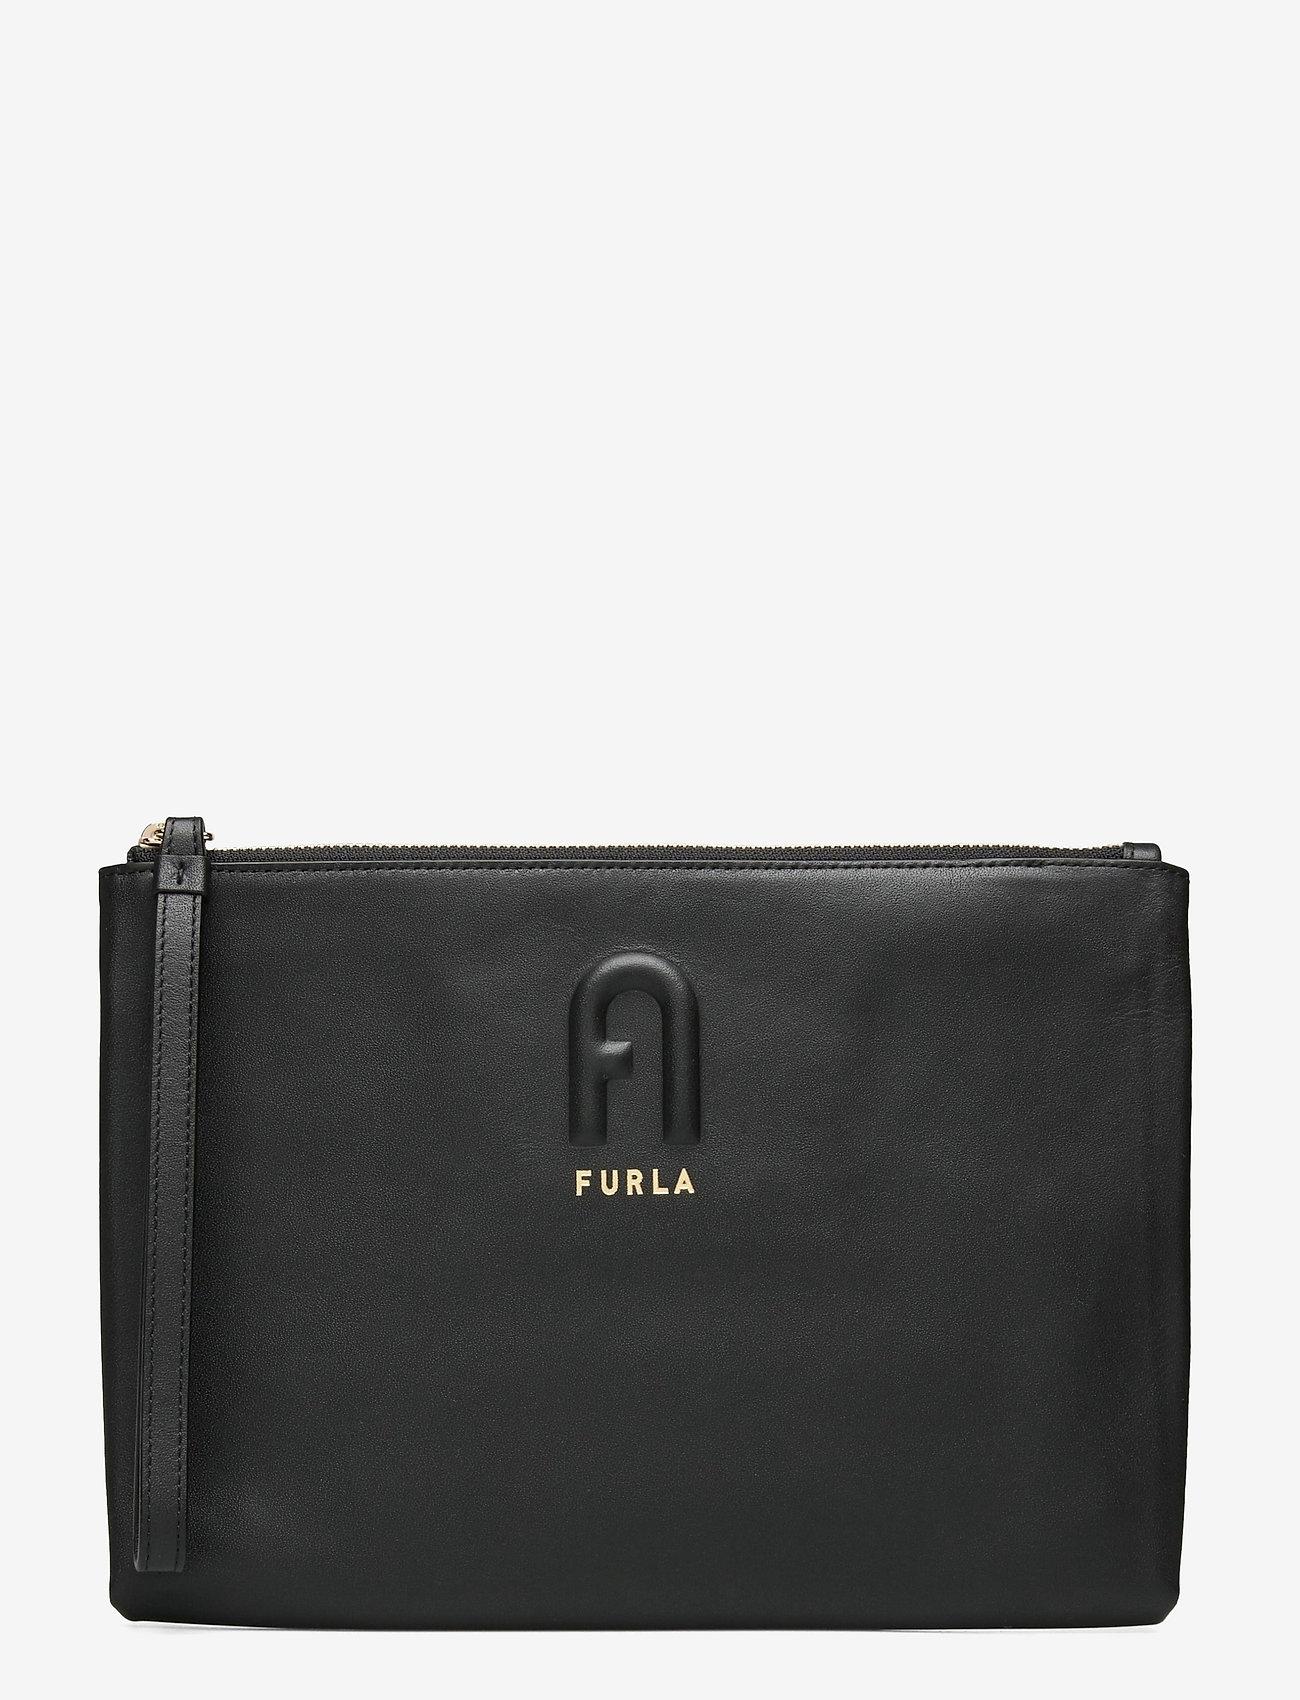 Furla - FURLA RITA XL ENVELOPE - tassen - nero - 0